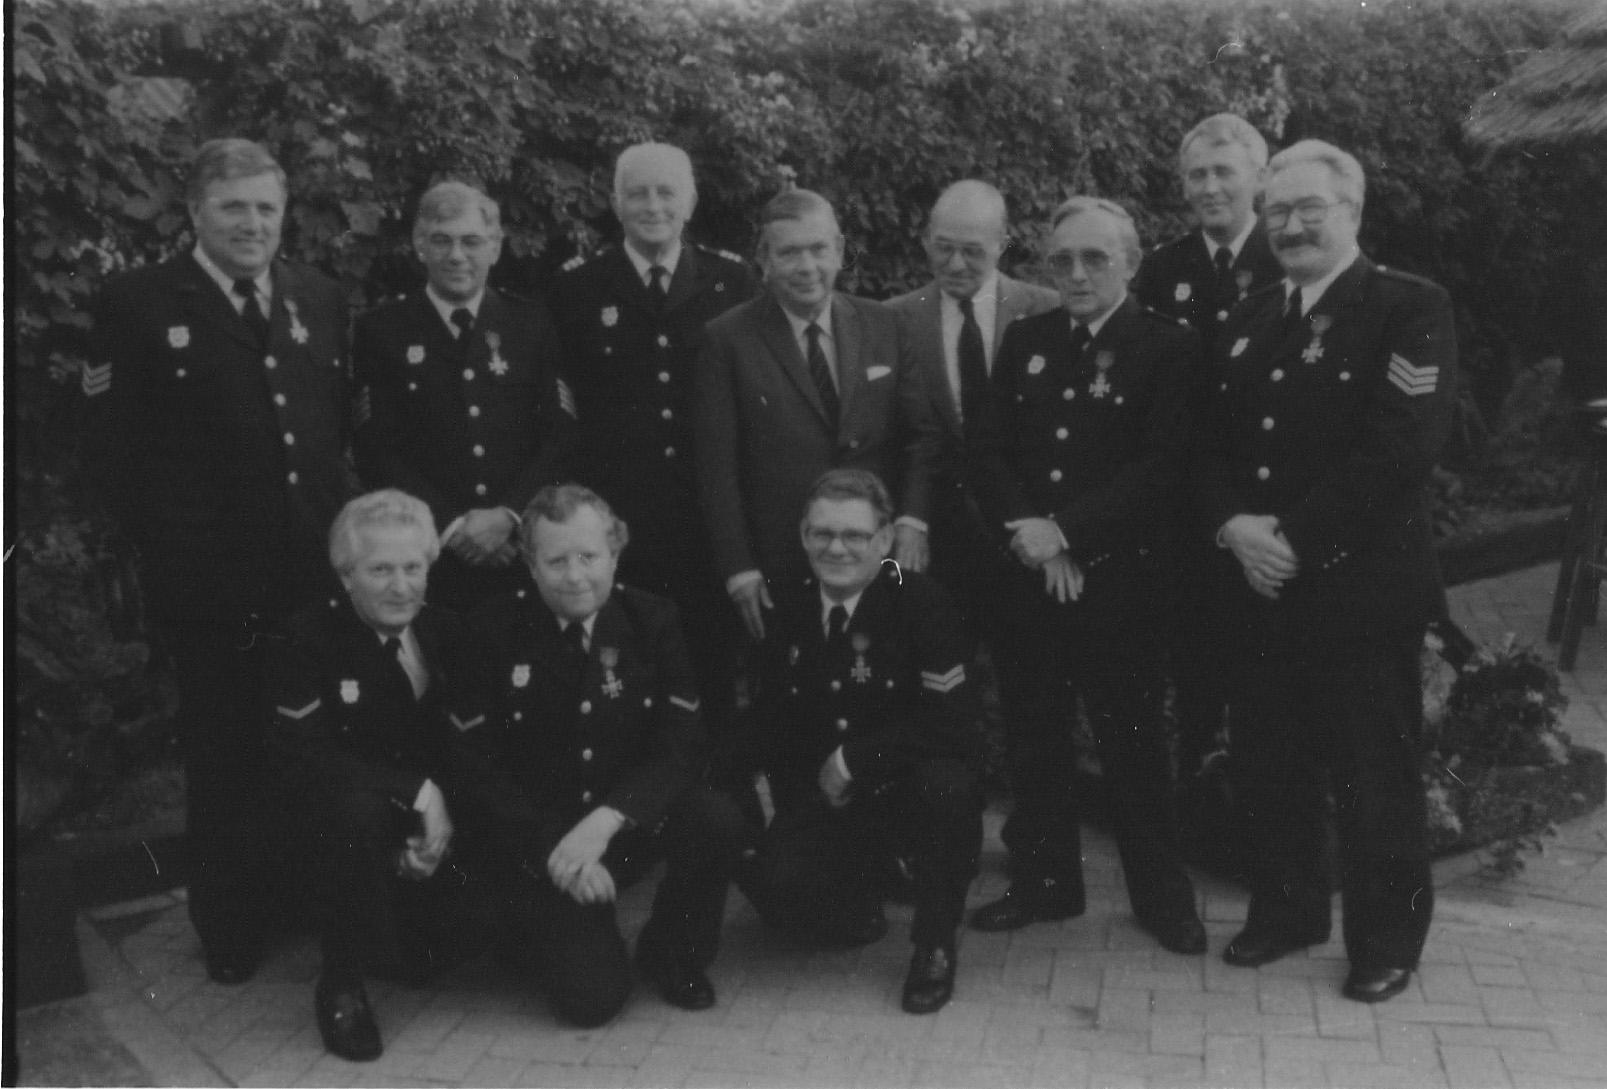 ca1983 Brandweer achter vd Meijden, geridderd